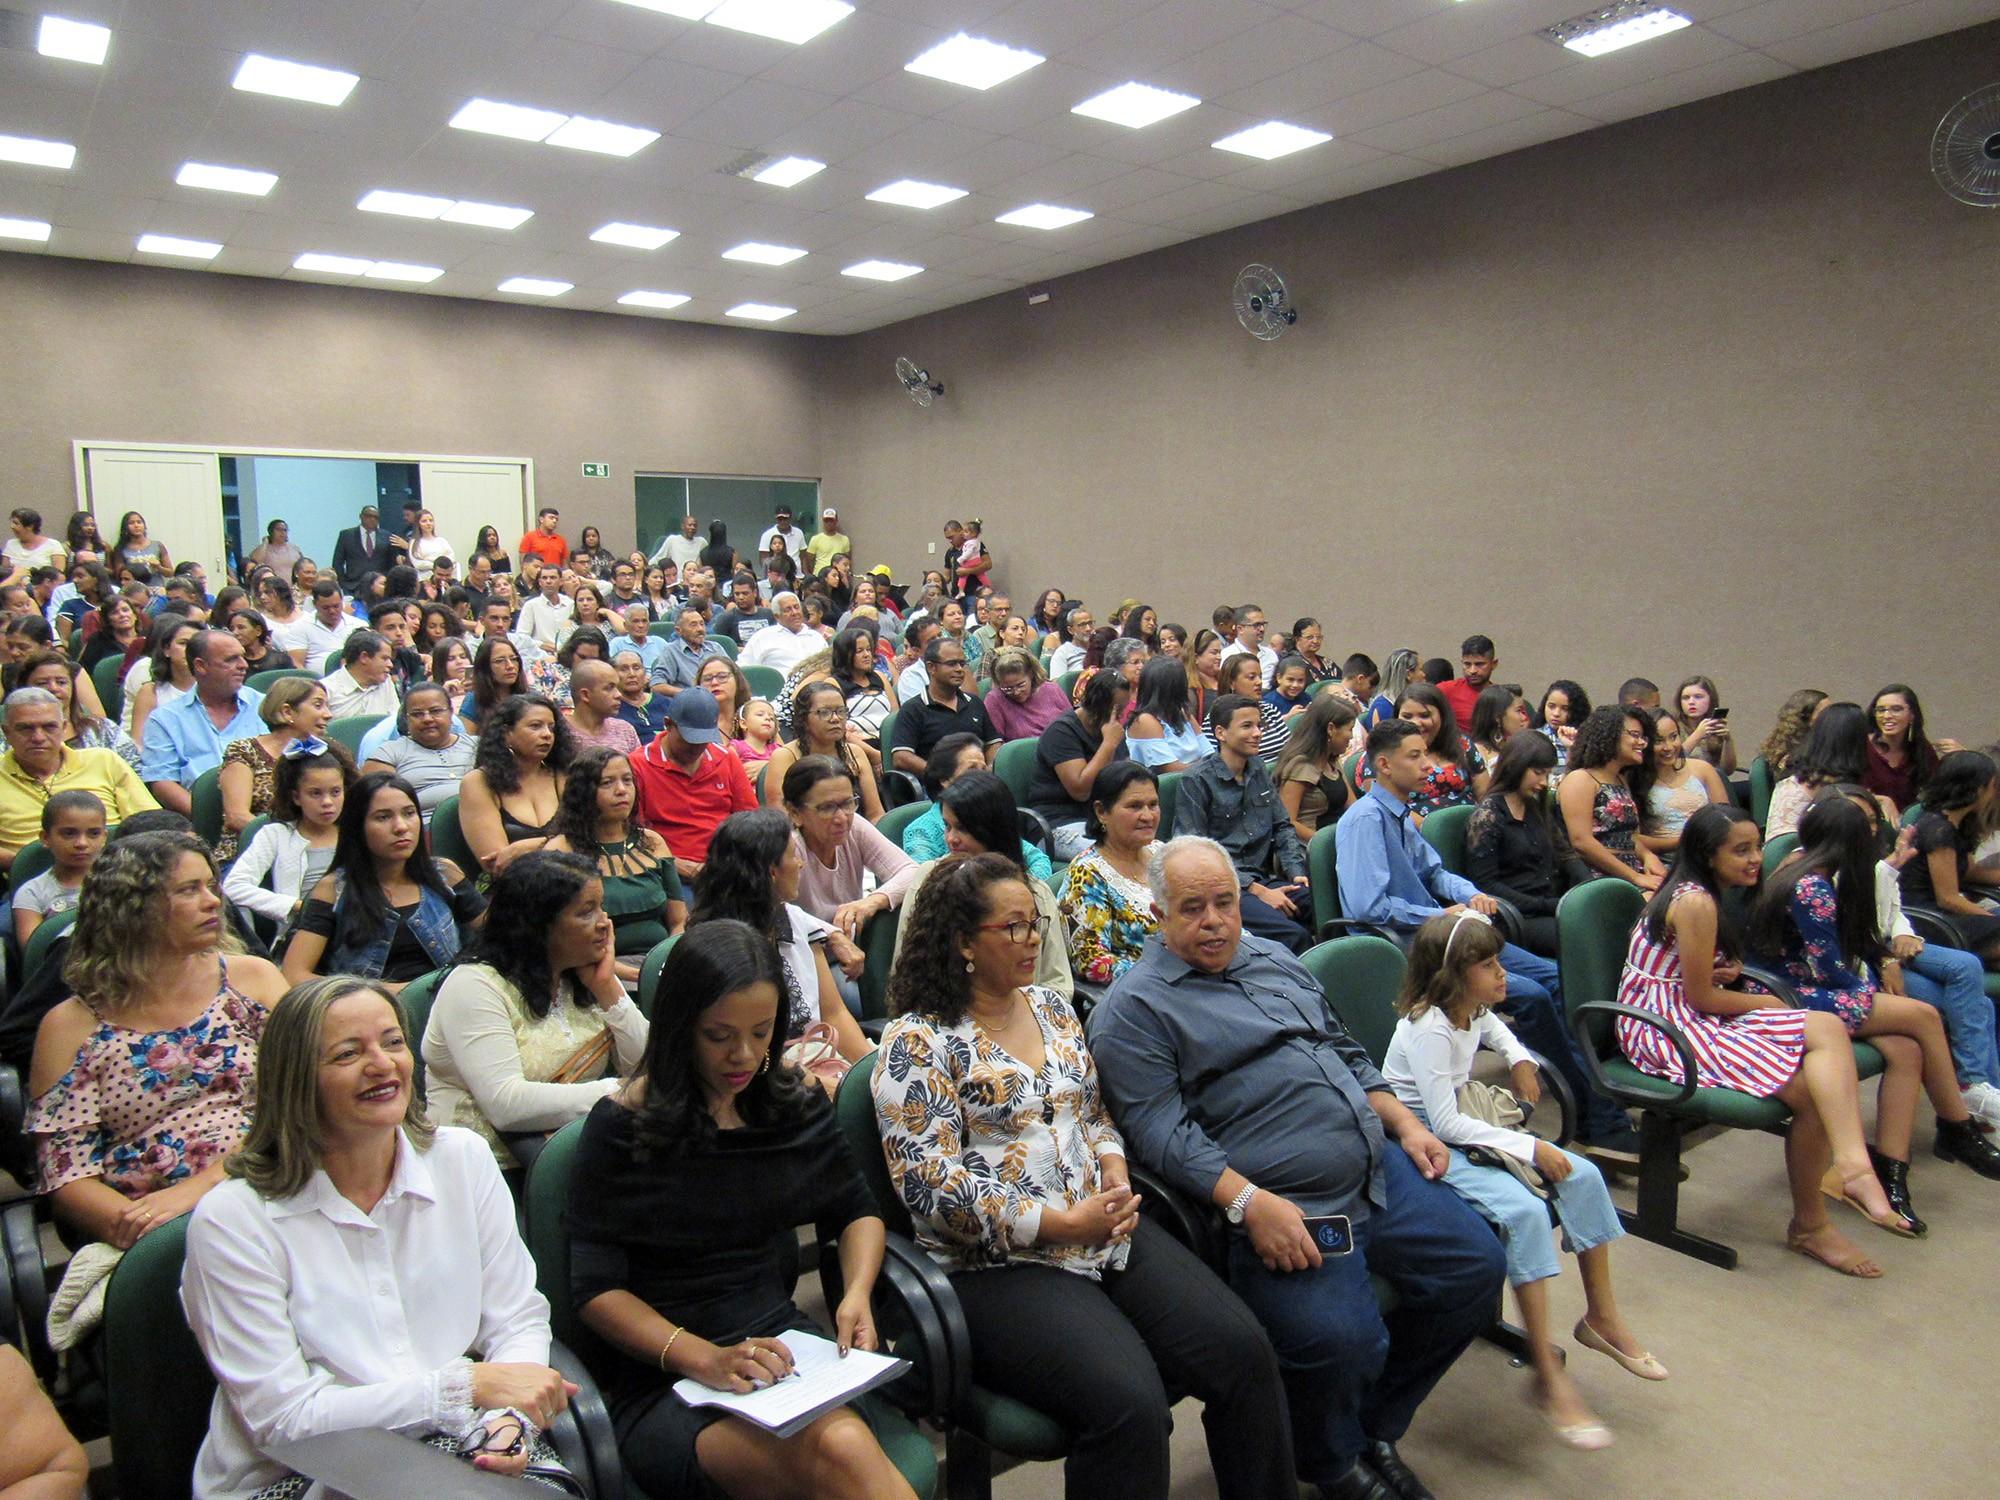 REUNIÃO ESPECIAL – OUTORGA DE MEDALHAS OCTACÍLIO NEGRÃO DE LIMA, MESTRE CANDINHO, VOVÔ FELÍCIO E PAULO FREIRE